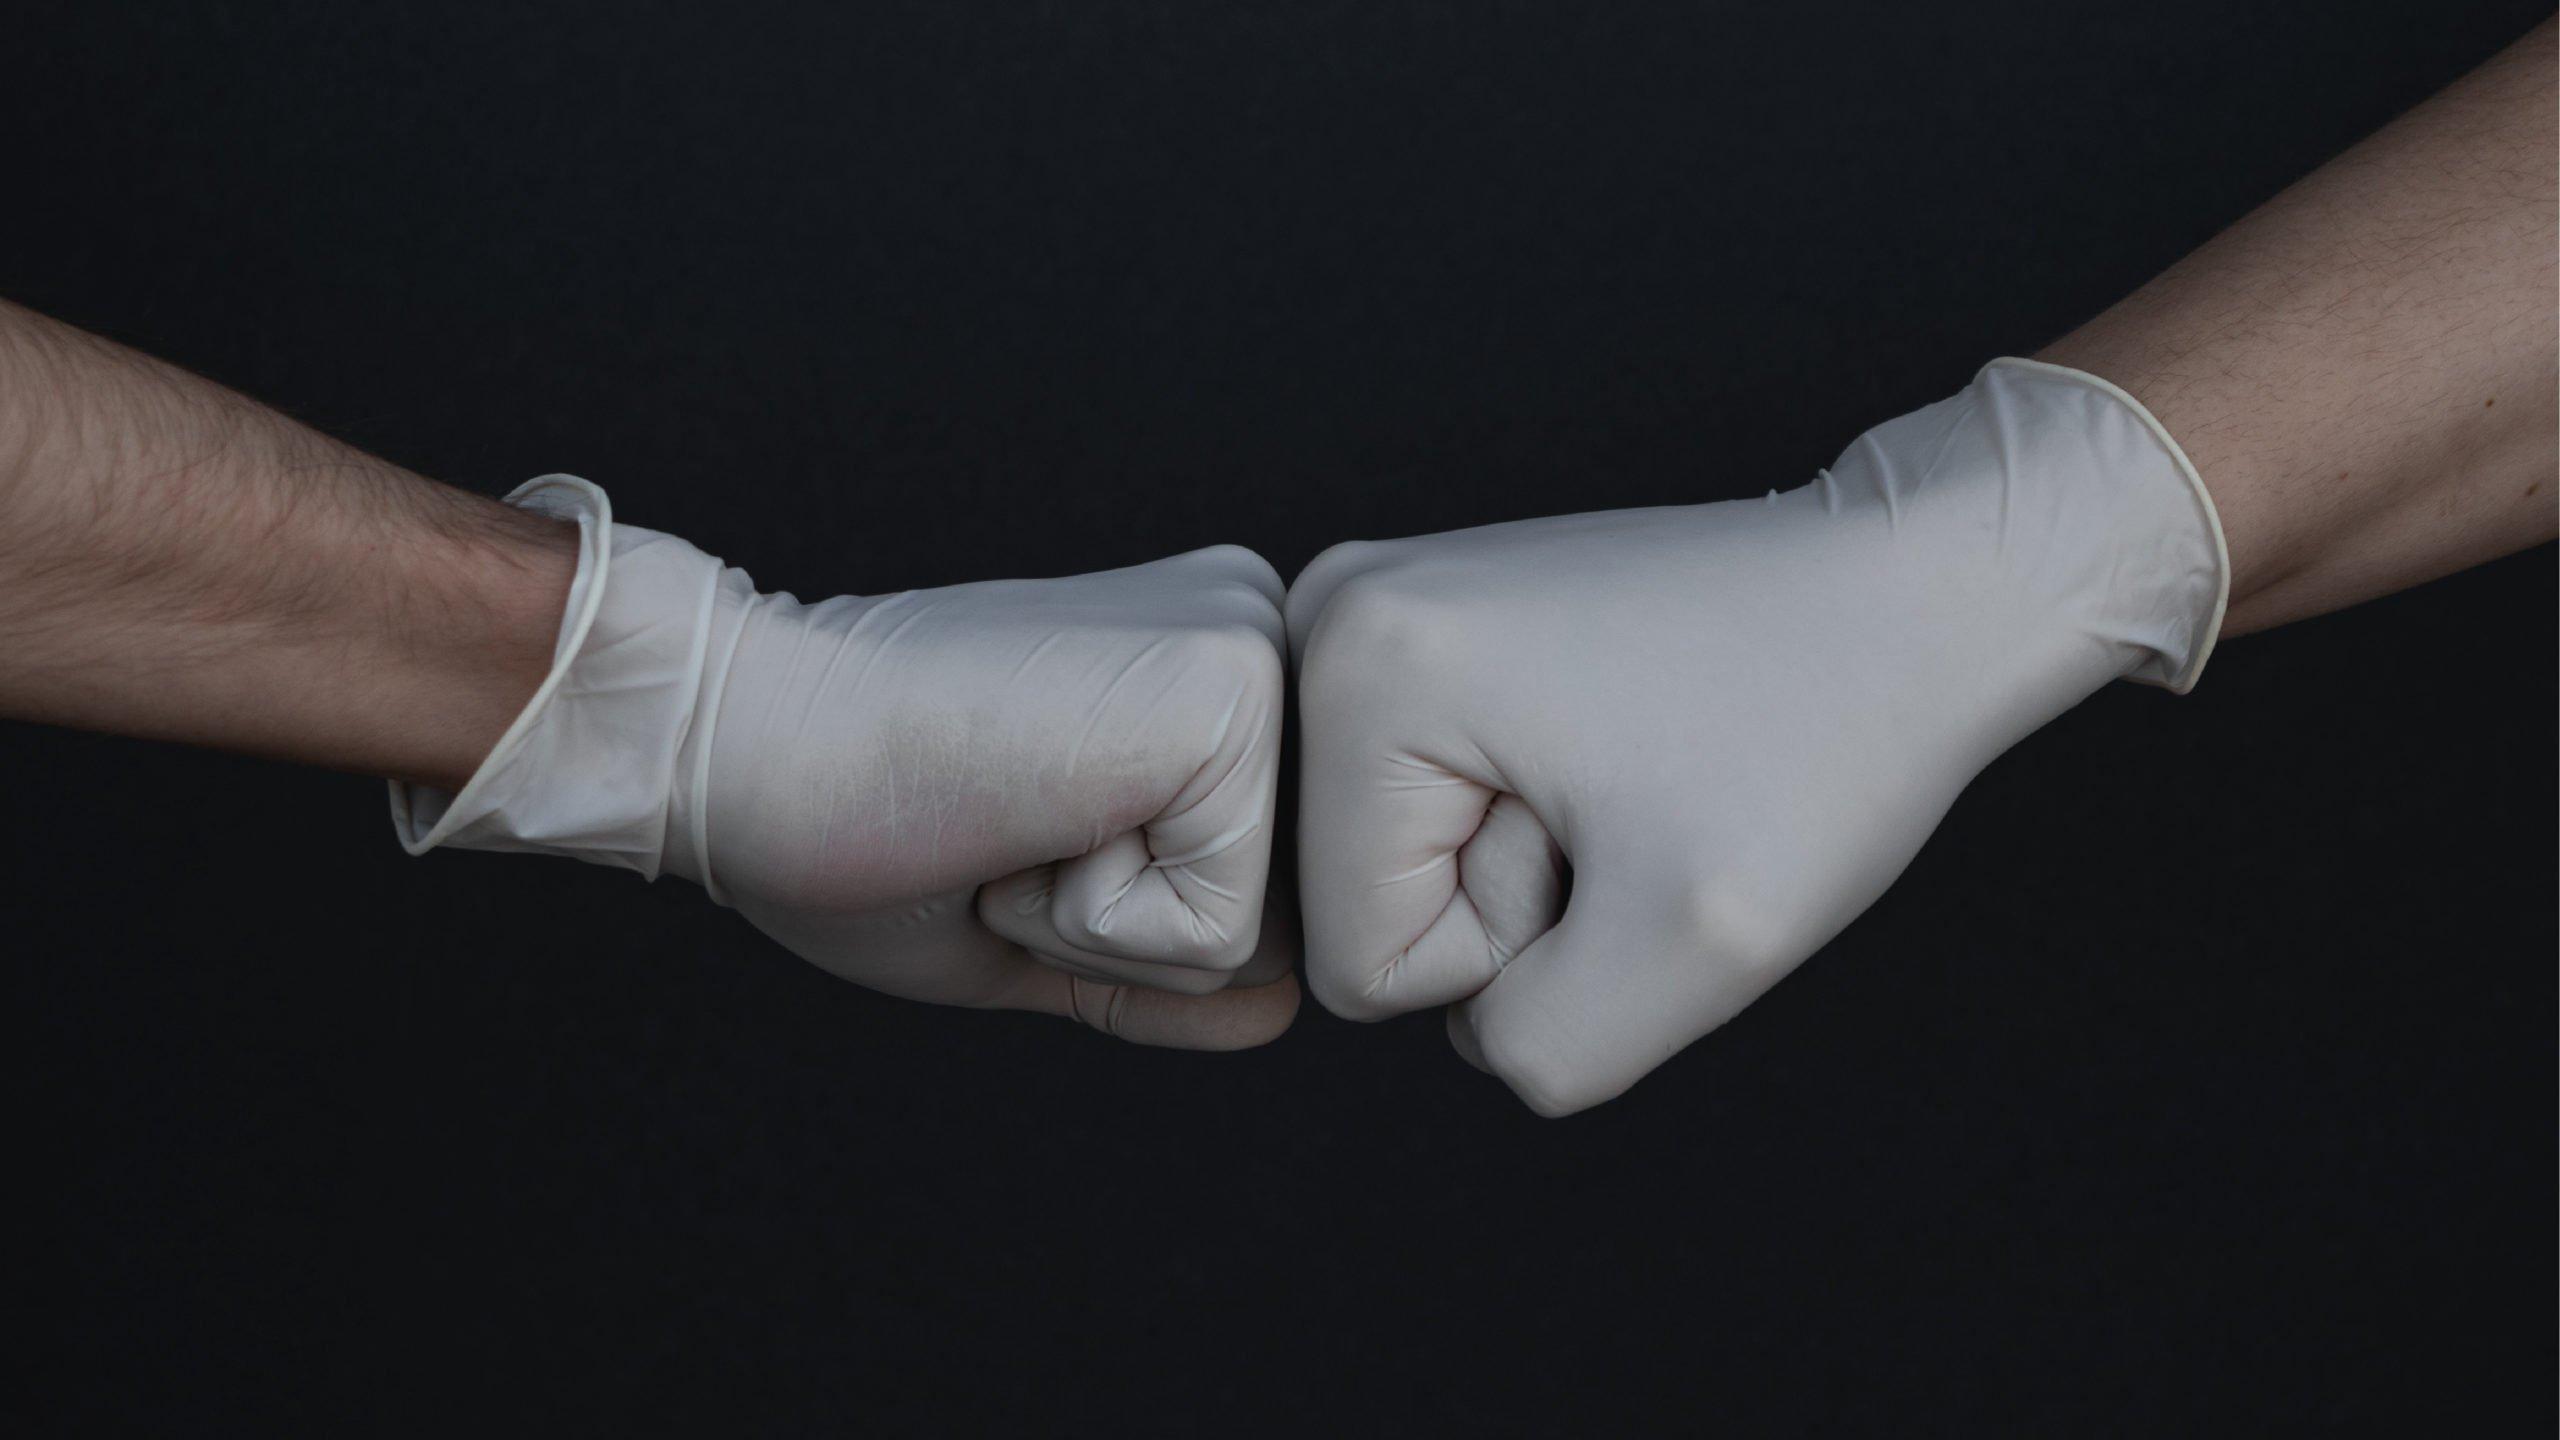 Invertir en salud humana y animal, clave contra pandemias: OMS